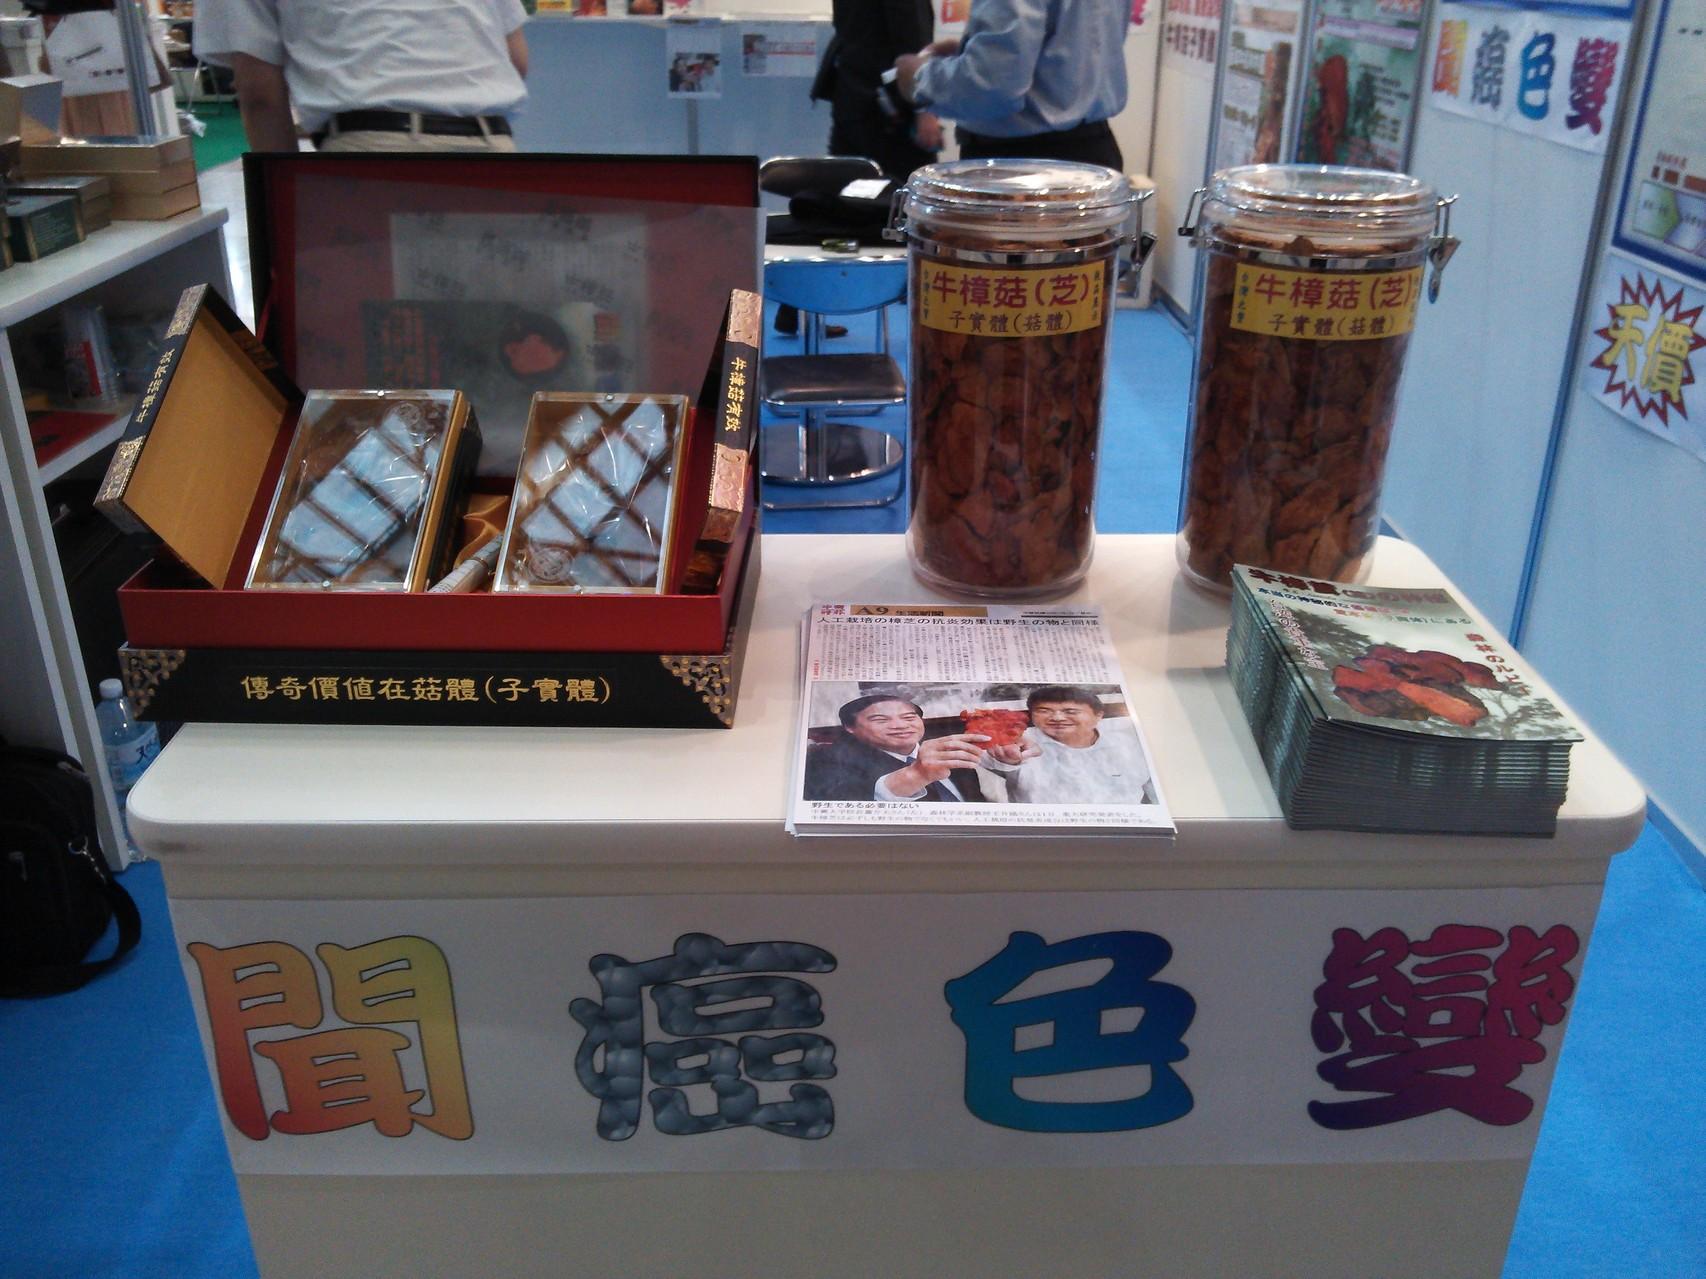 原木栽培牛樟芝(ベニクスノキタケ)健康食品サプリメント展示会